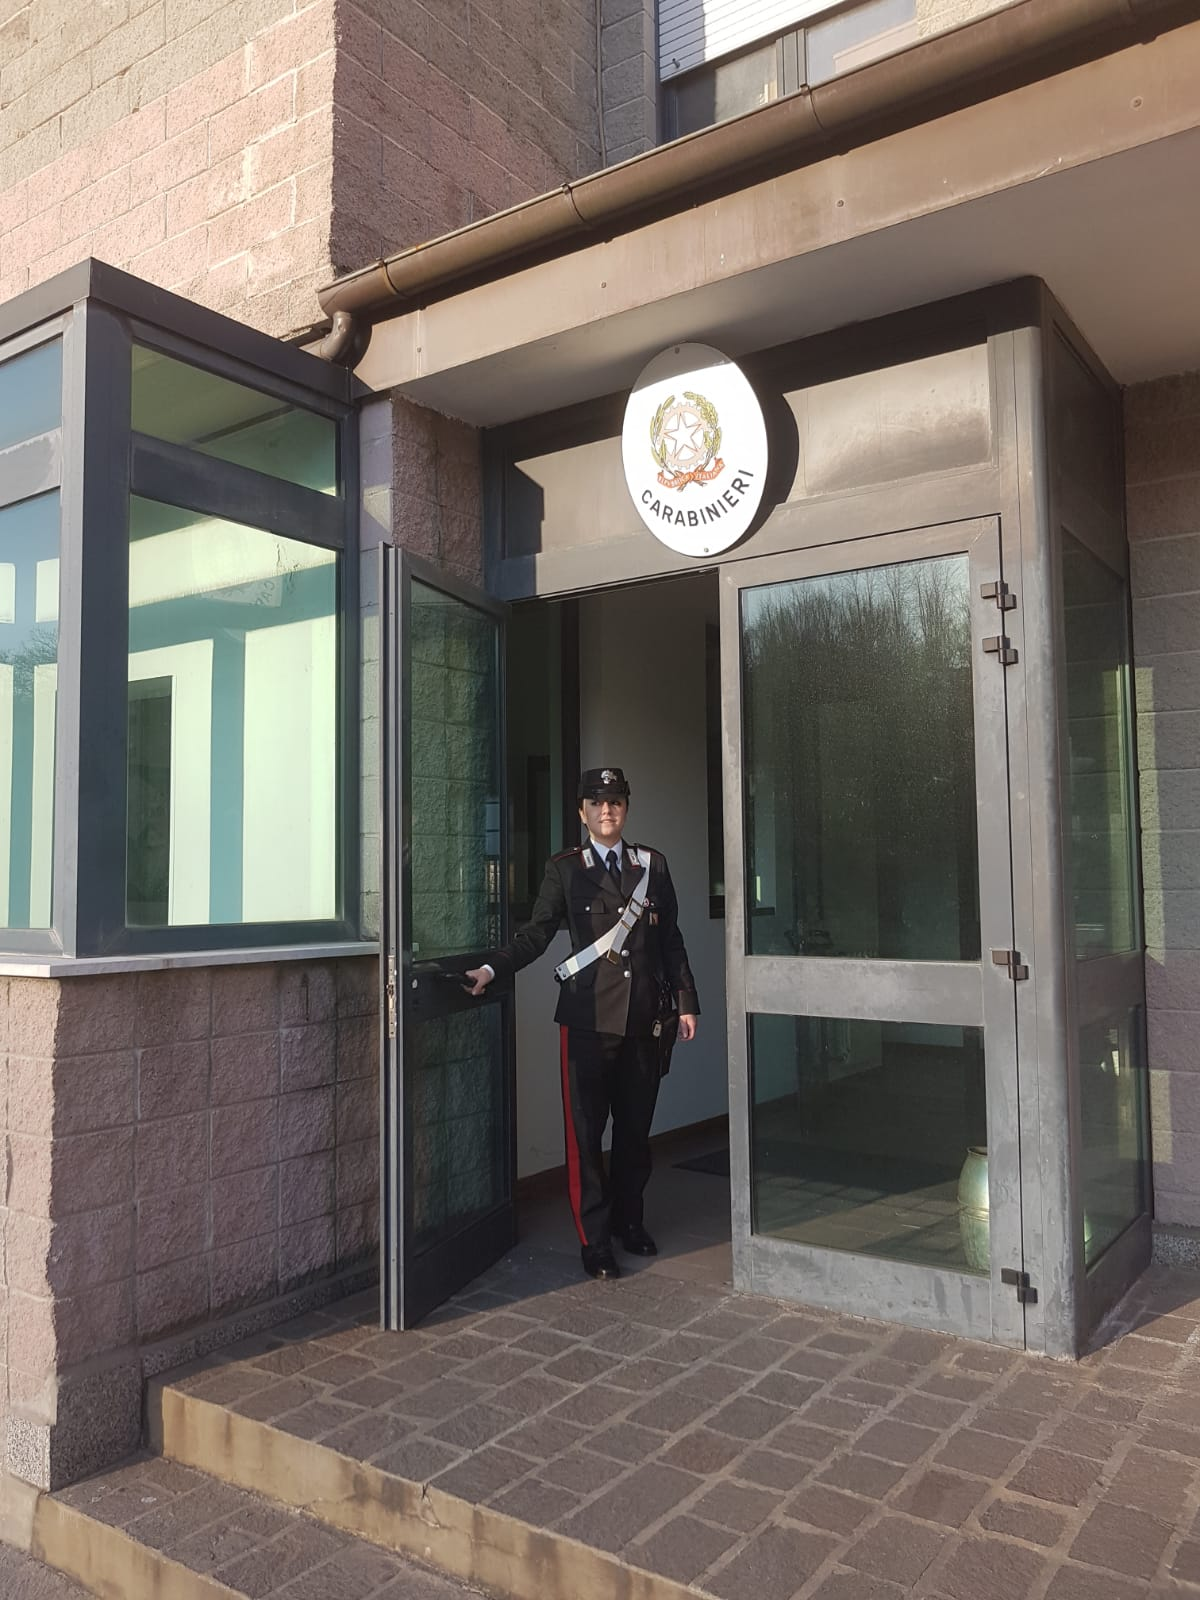 Trovato per strada infreddolito, invoca i Carabinieri